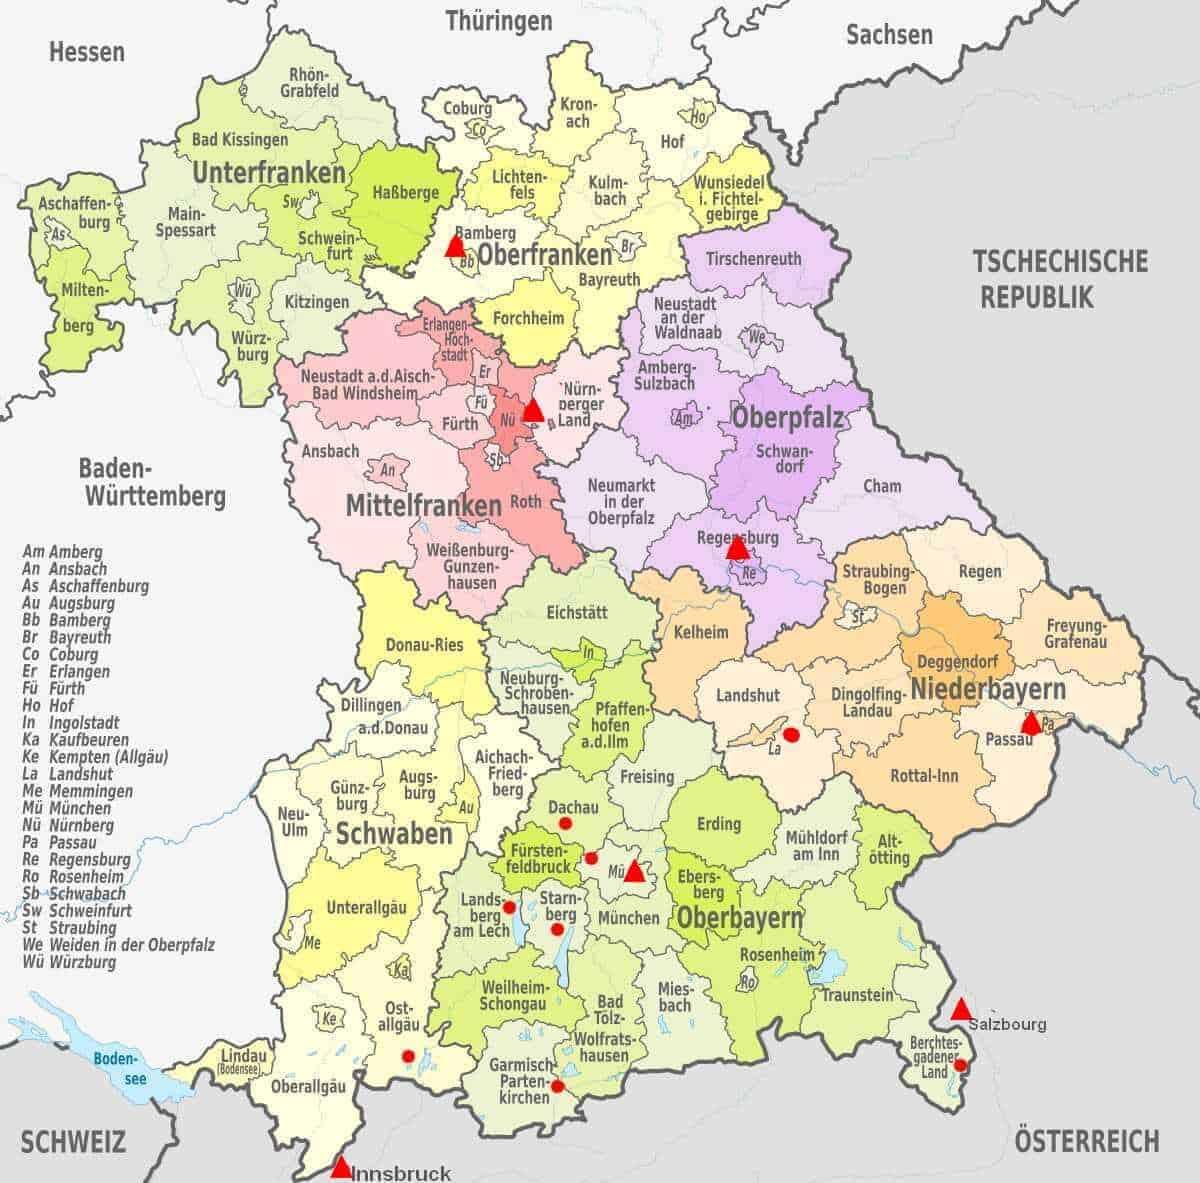 carte baviere régions et districts